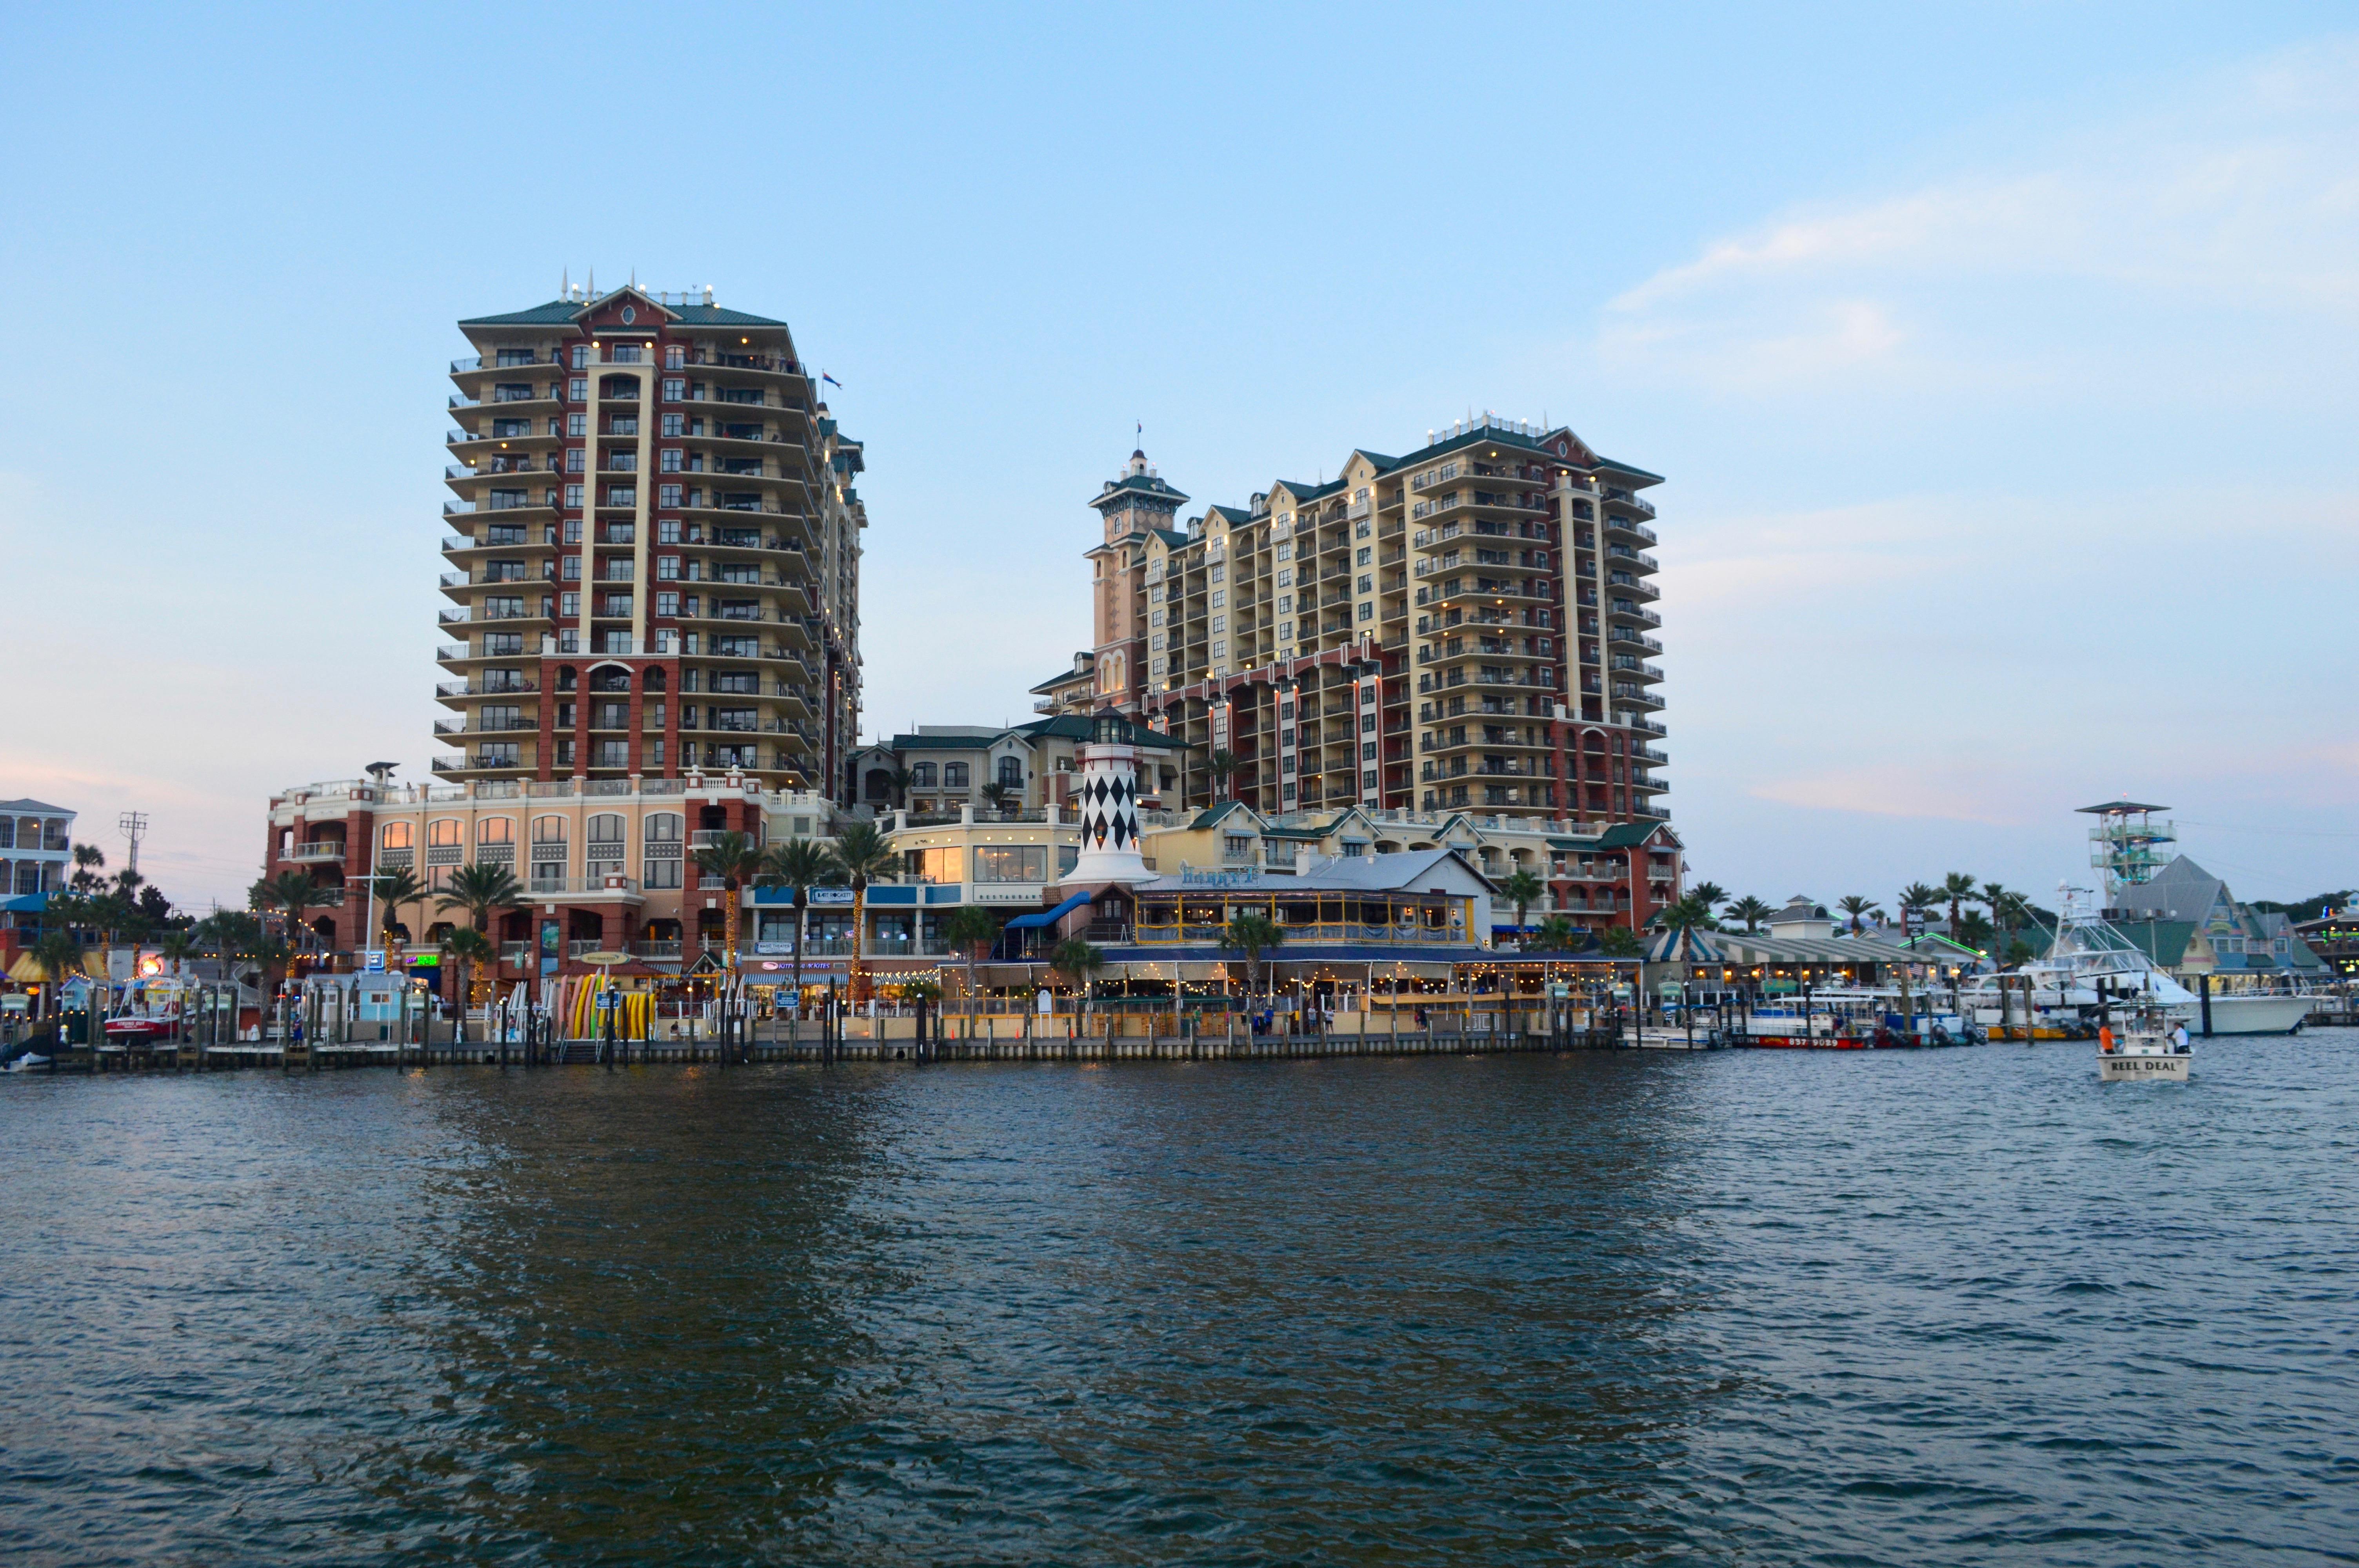 Harborwalk Village Destin Florida Round Trip Travel